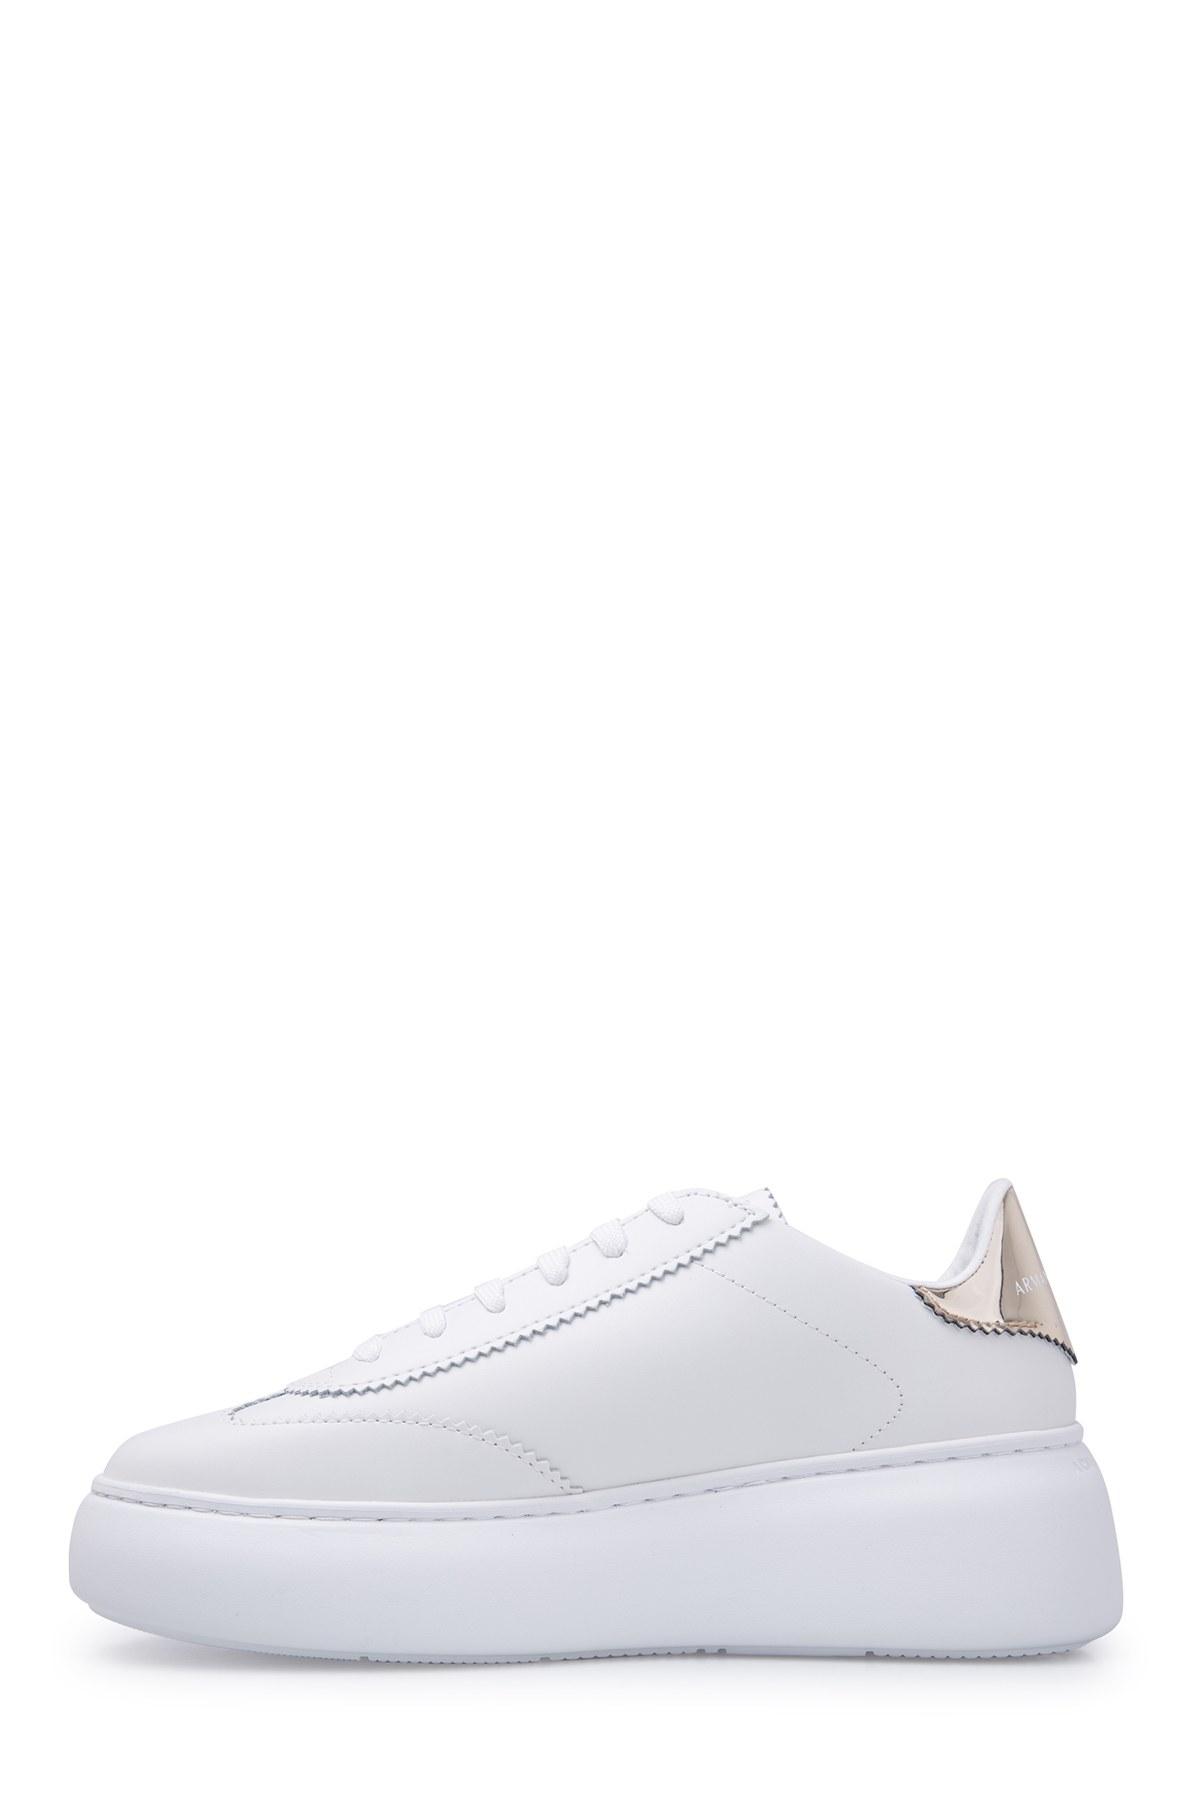 Armani Exchange Kadın Ayakkabı XDX042 XV313 R579 BEYAZ